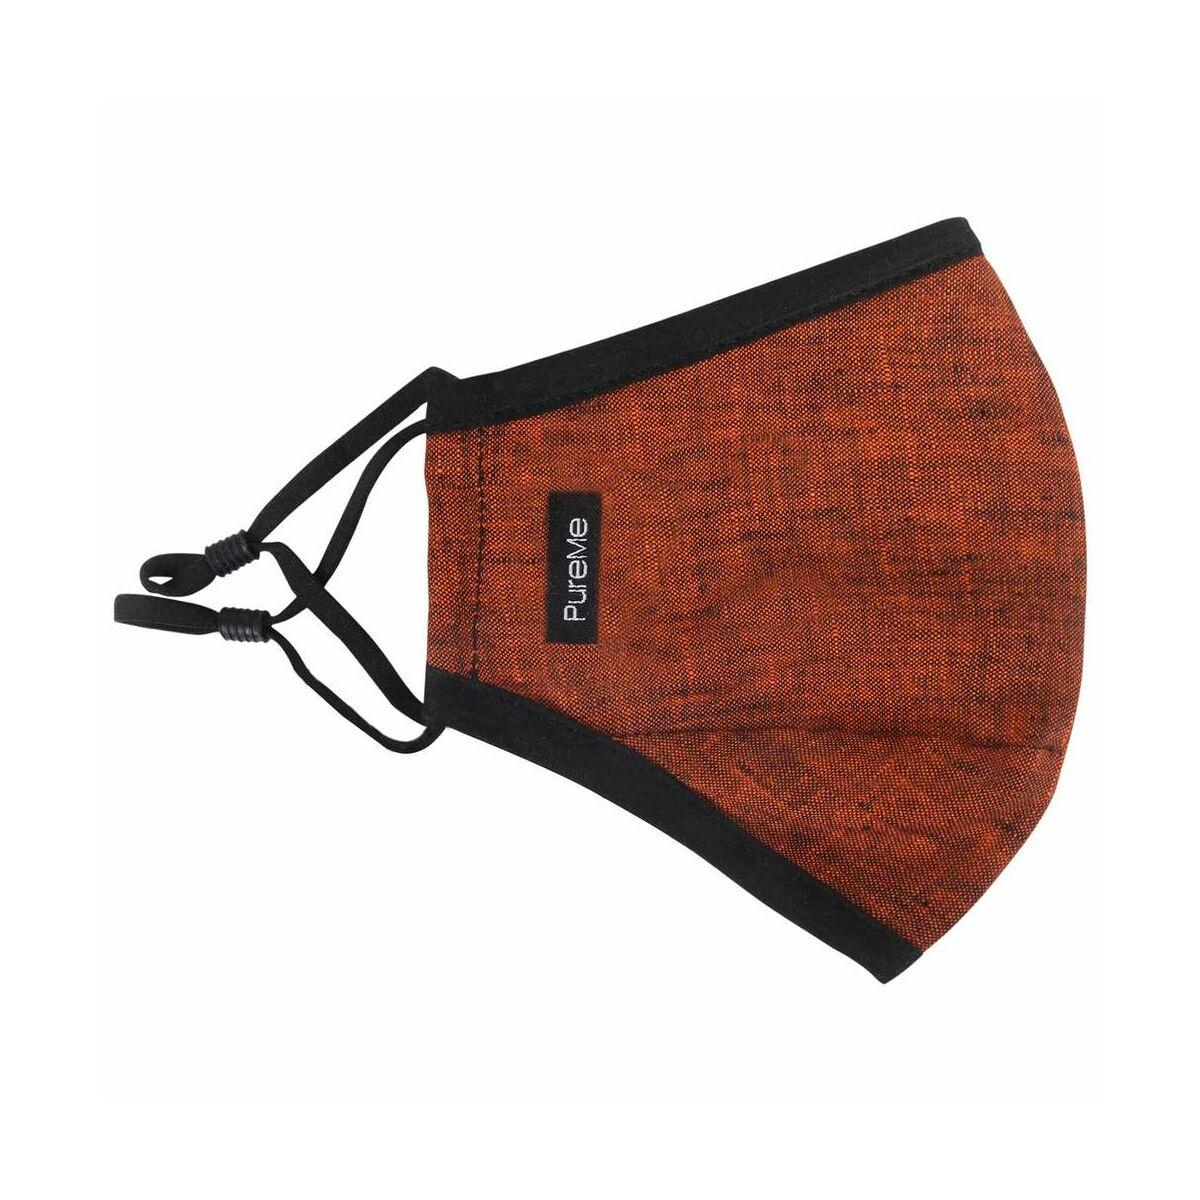 PureMe Maszk, Újrafelhasználható, Állítható füllel, Vászon, 2db N95 szűrővel a csomagban, narancssárga